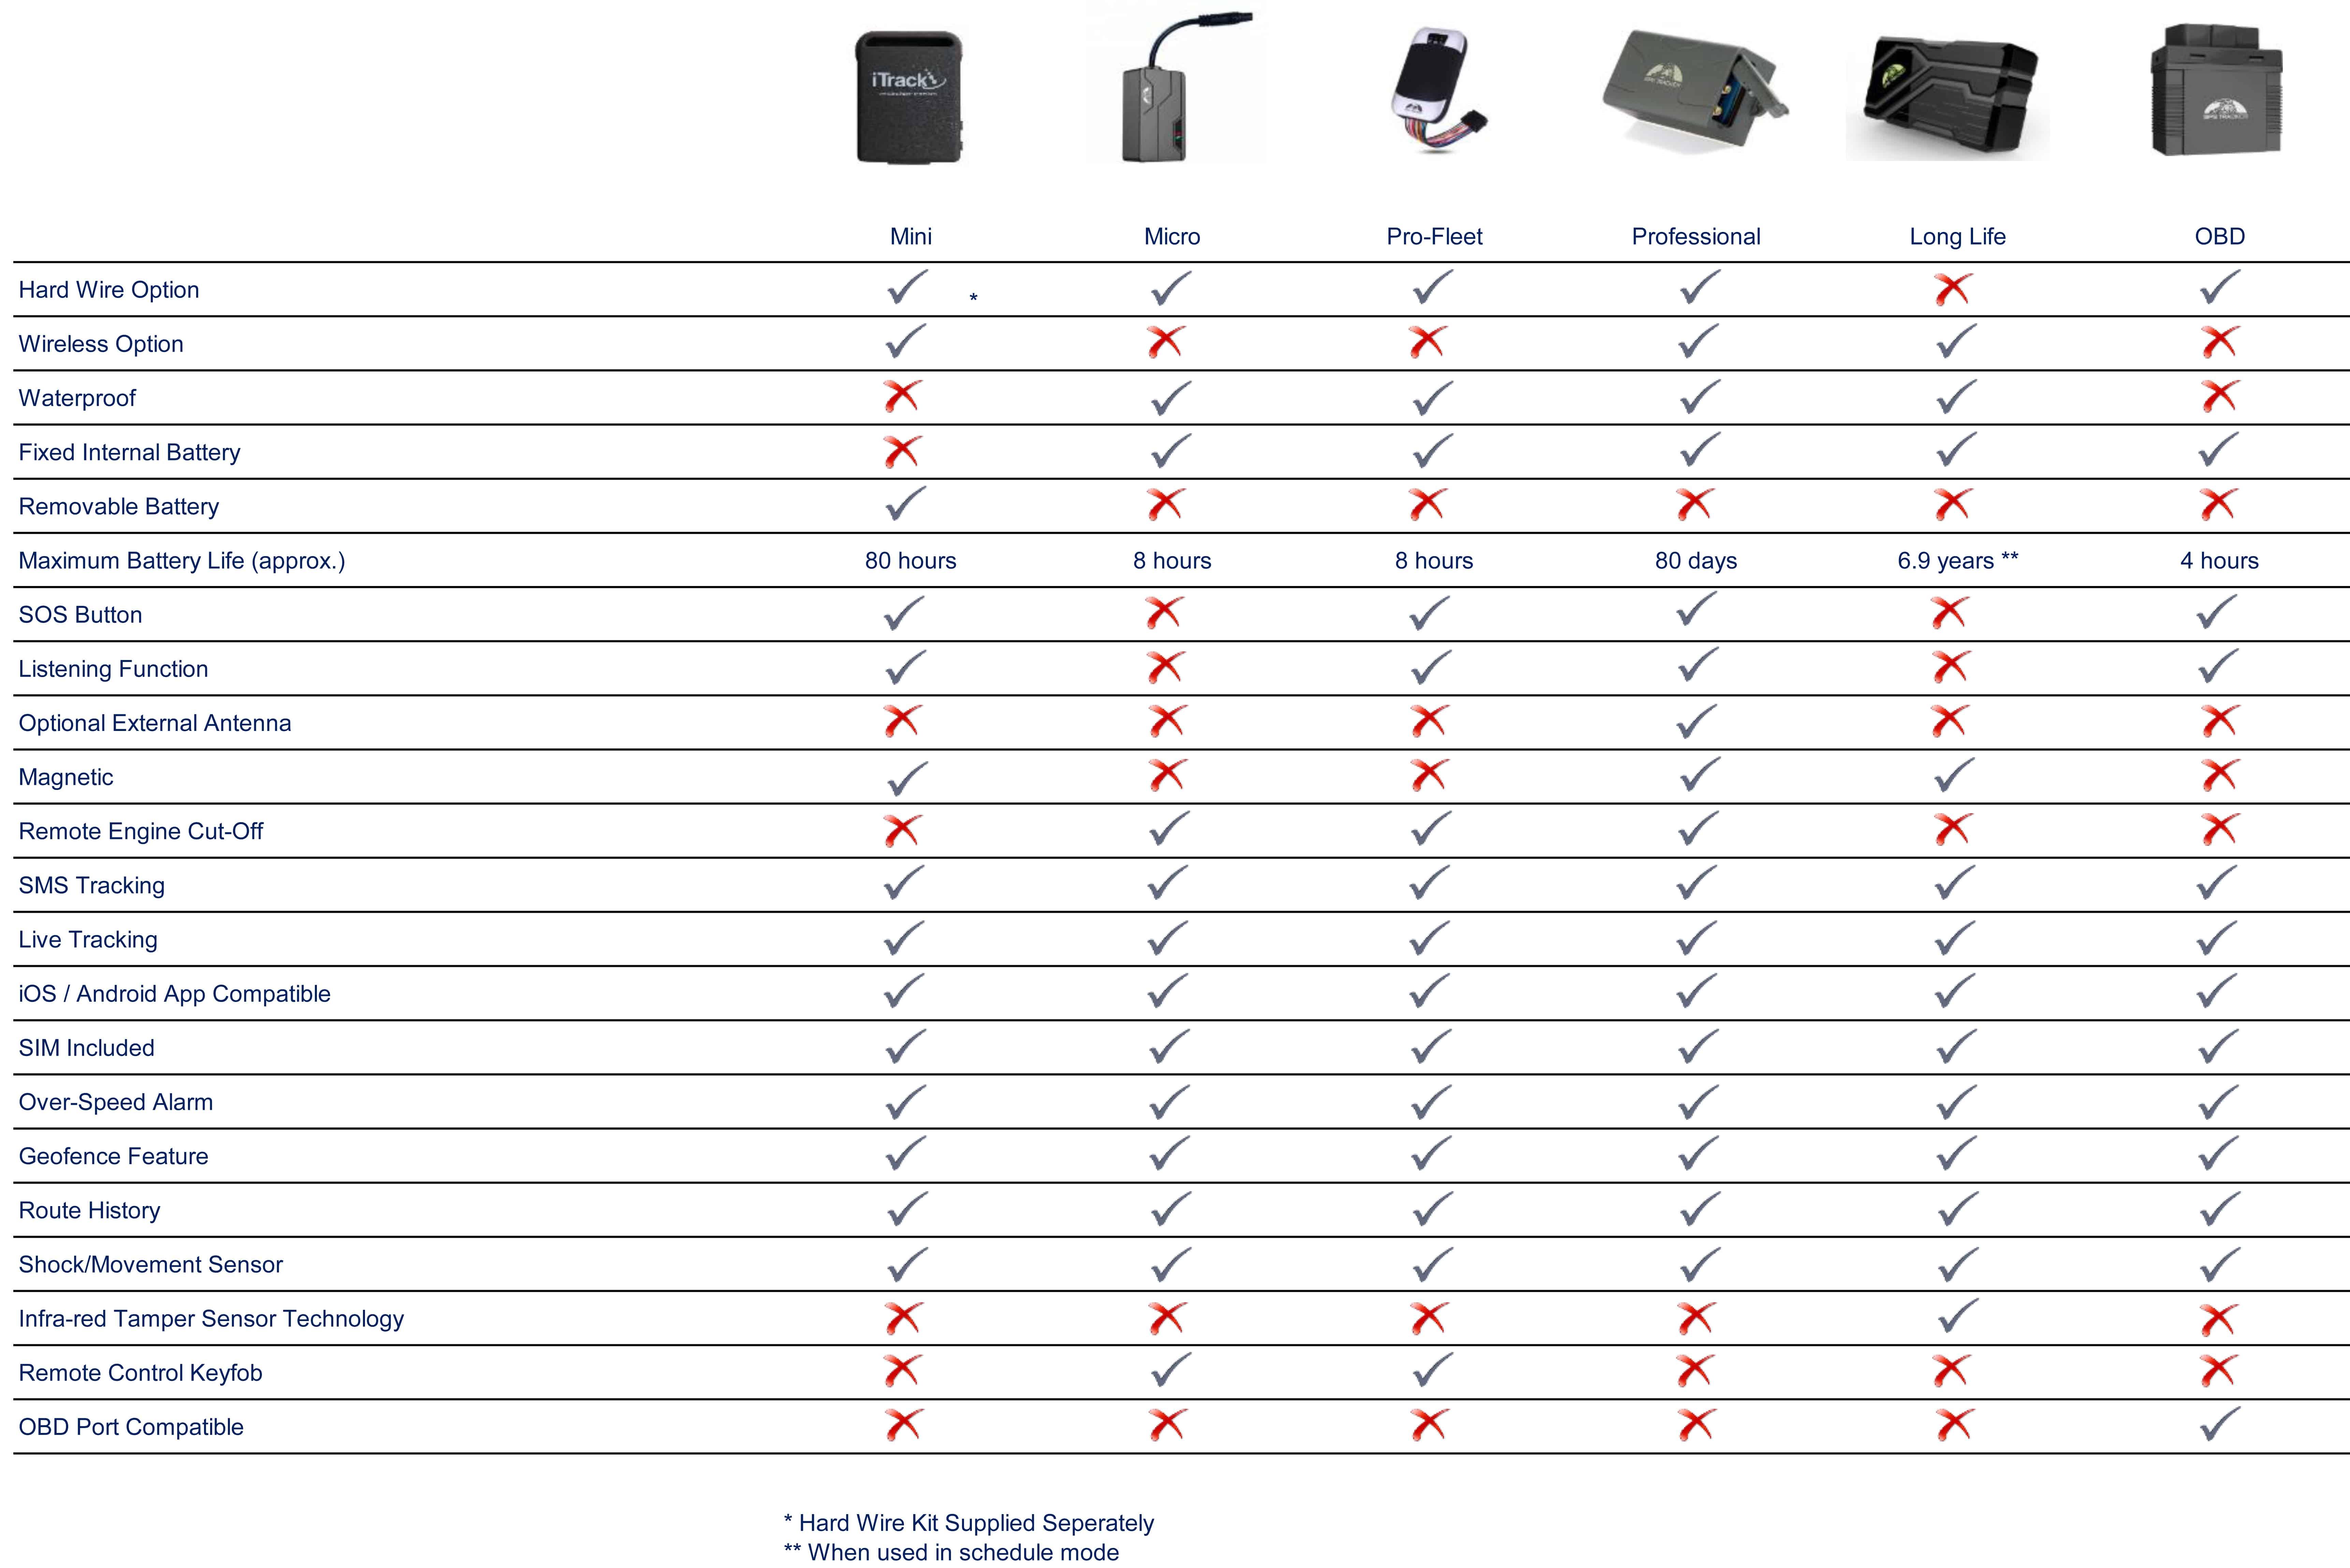 Tracker Comparison Chart